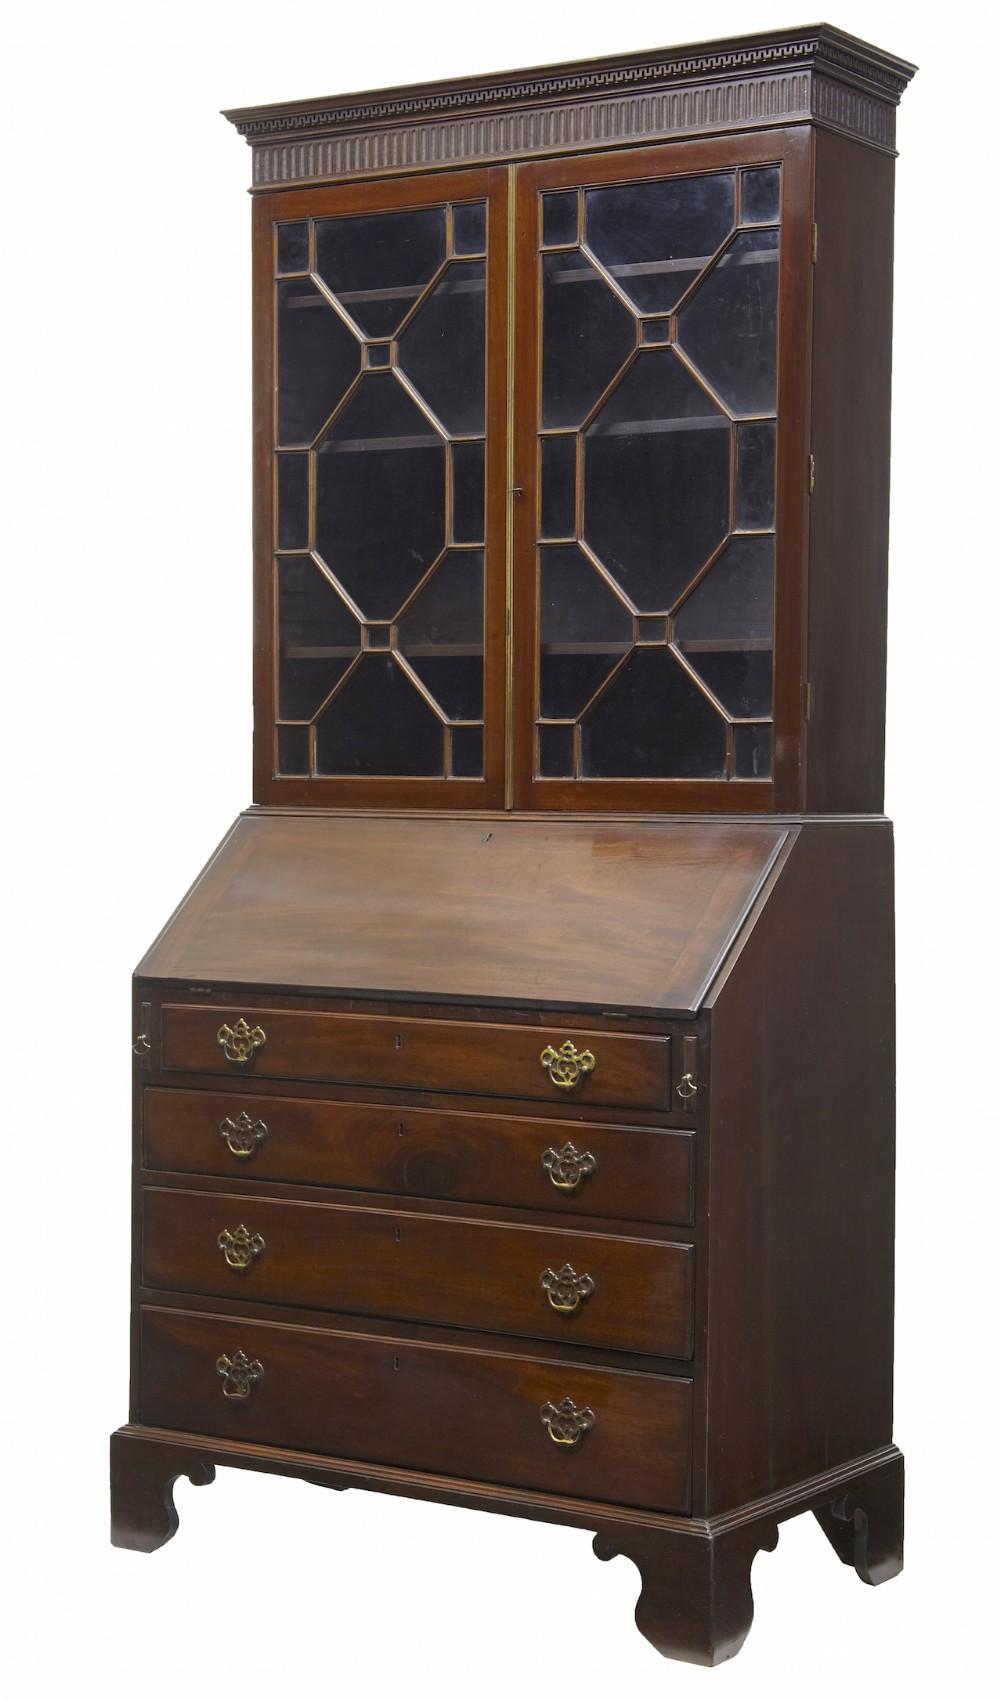 19th century early victorian mahogany bureau bookcase